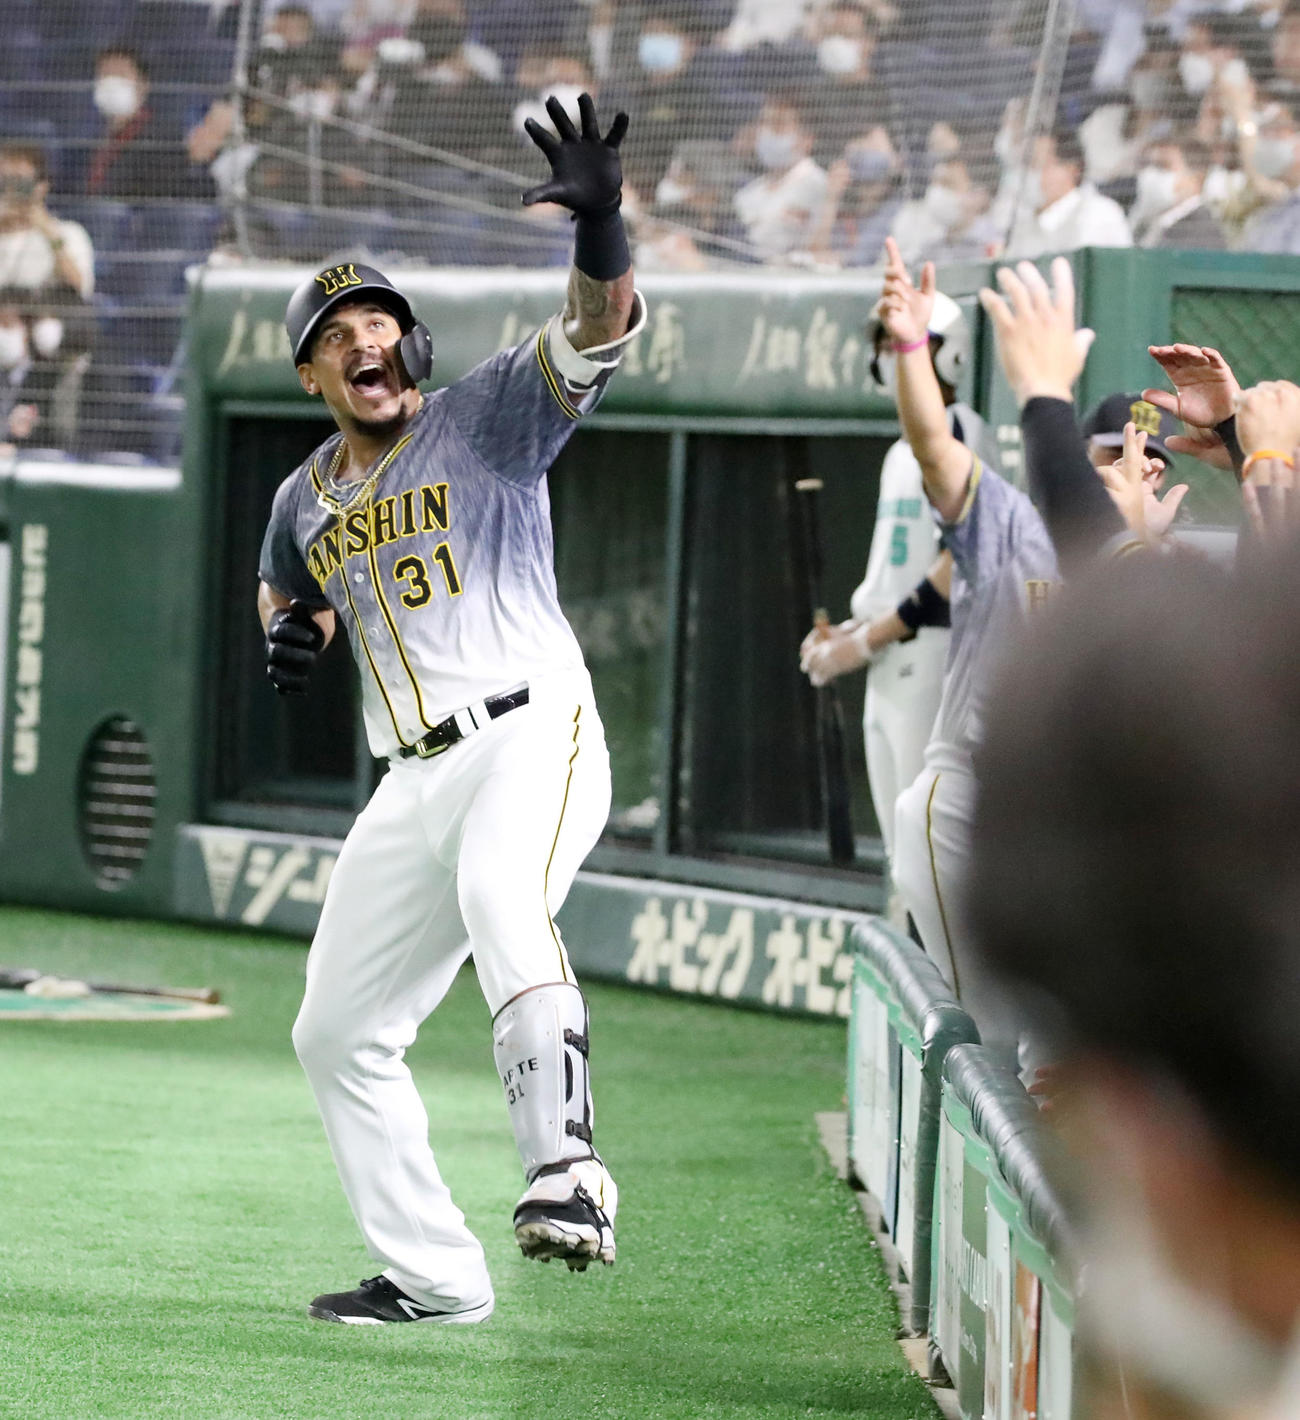 巨人対阪神 4回表阪神1死、マルテは同点本塁打を放ちラパンパラポーズを決める(撮影・加藤哉)